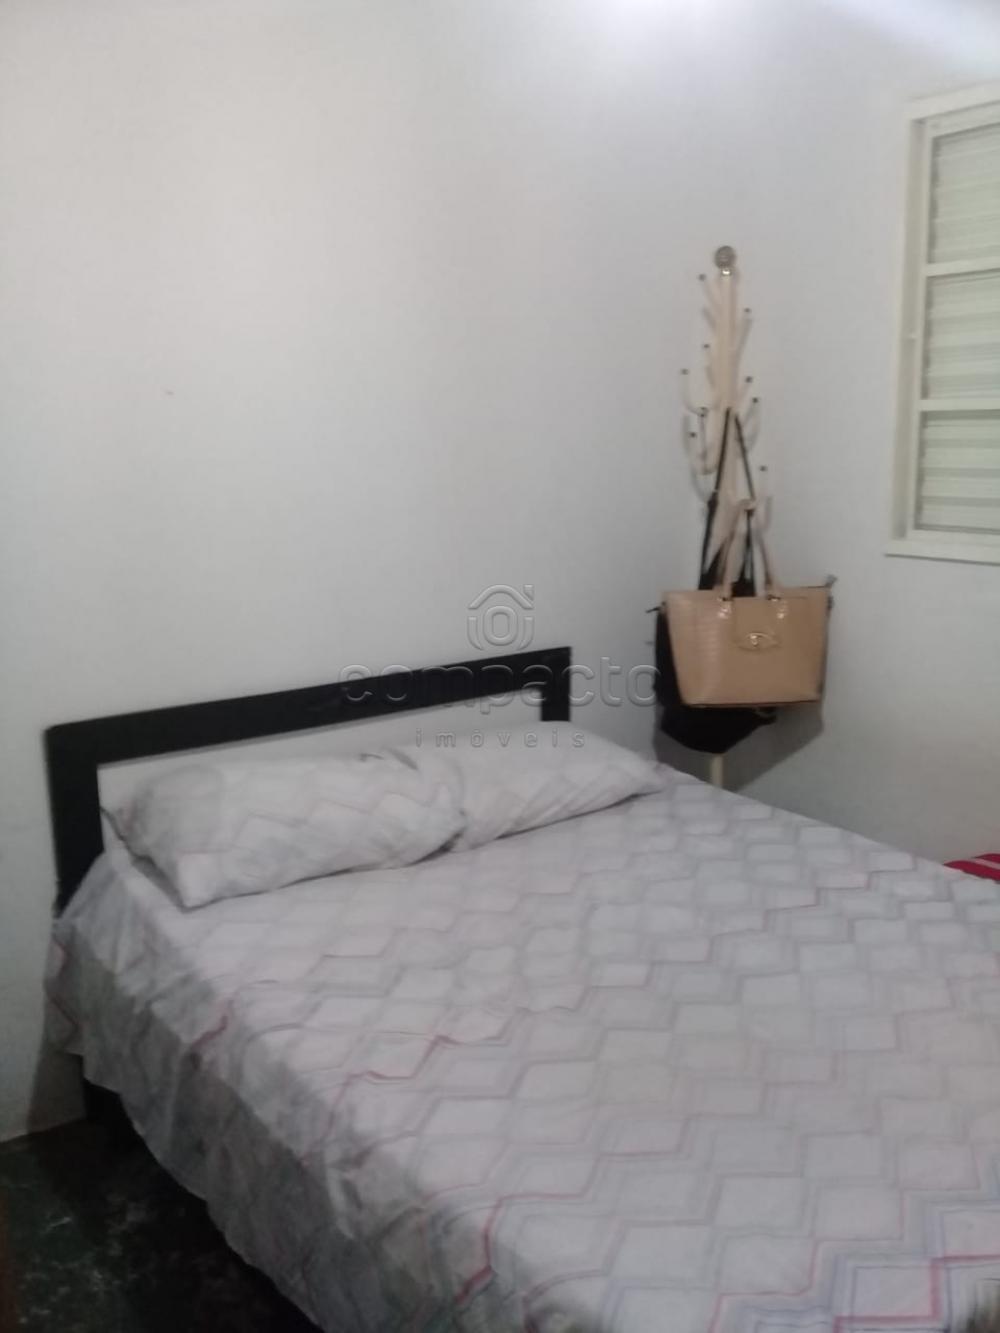 Comprar Casa / Padrão em São José do Rio Preto apenas R$ 150.000,00 - Foto 4